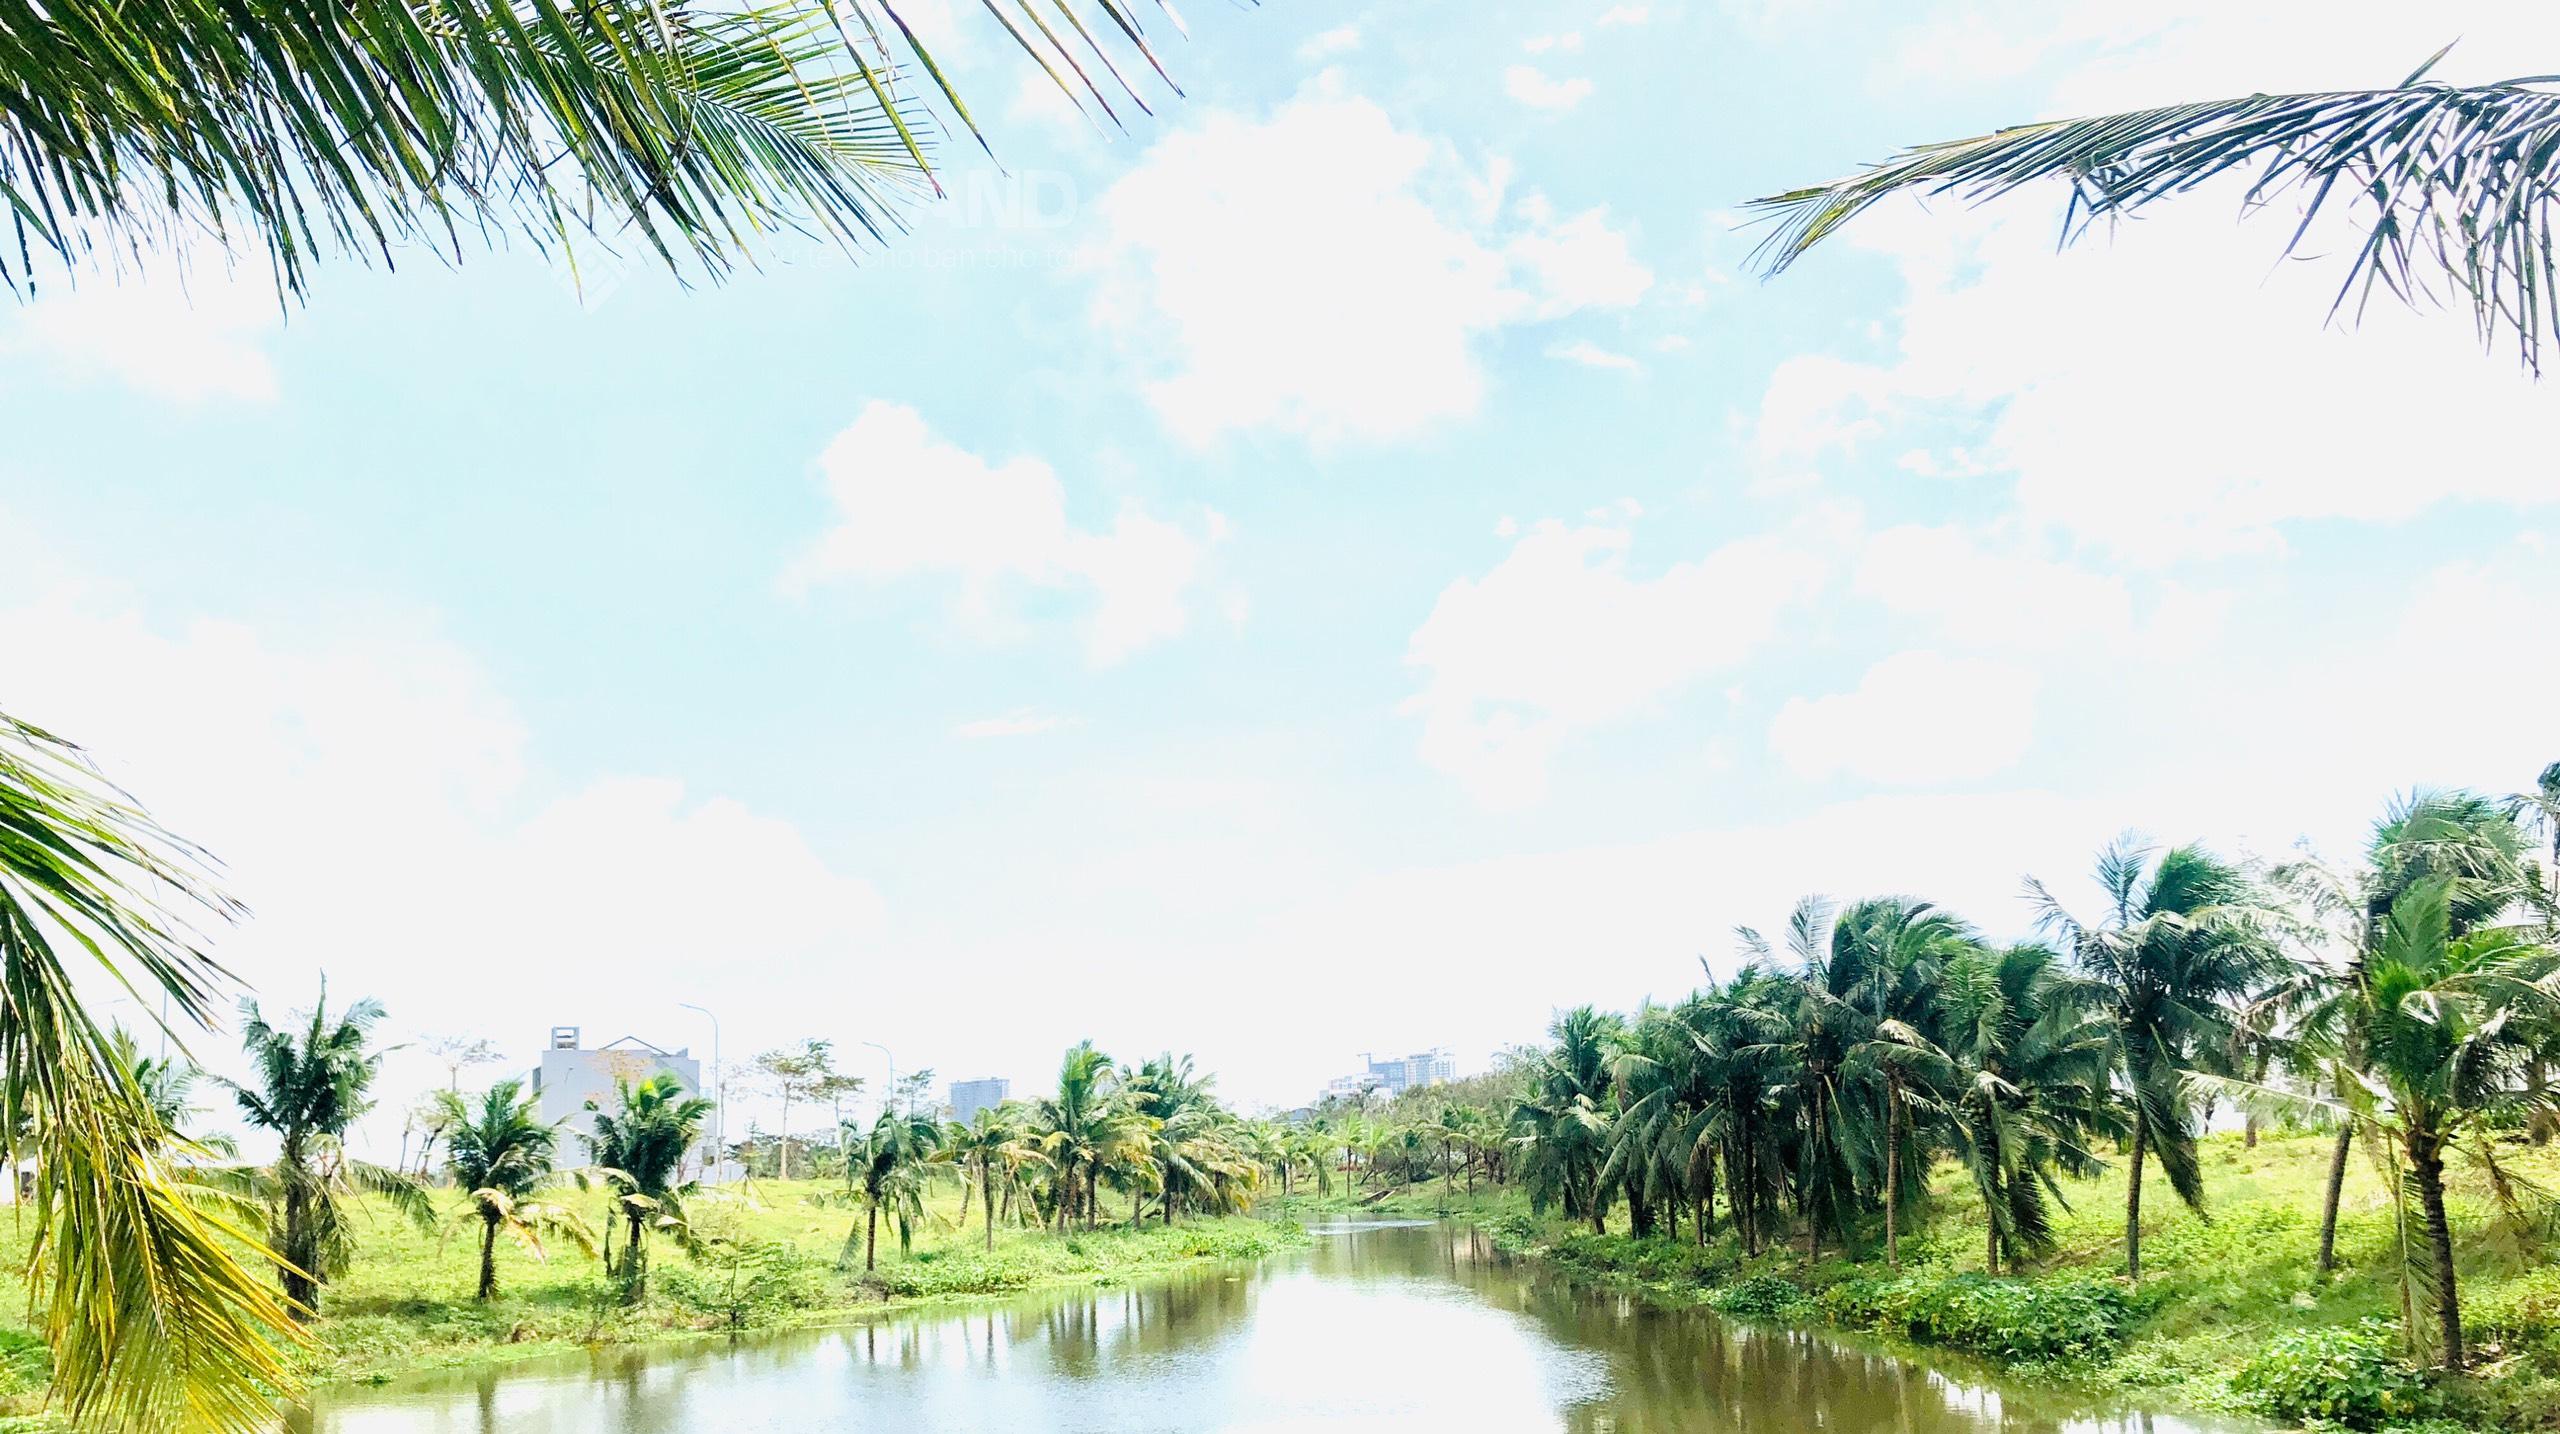 Bán đất biệt thự view kênh FPT Đà Nẵng